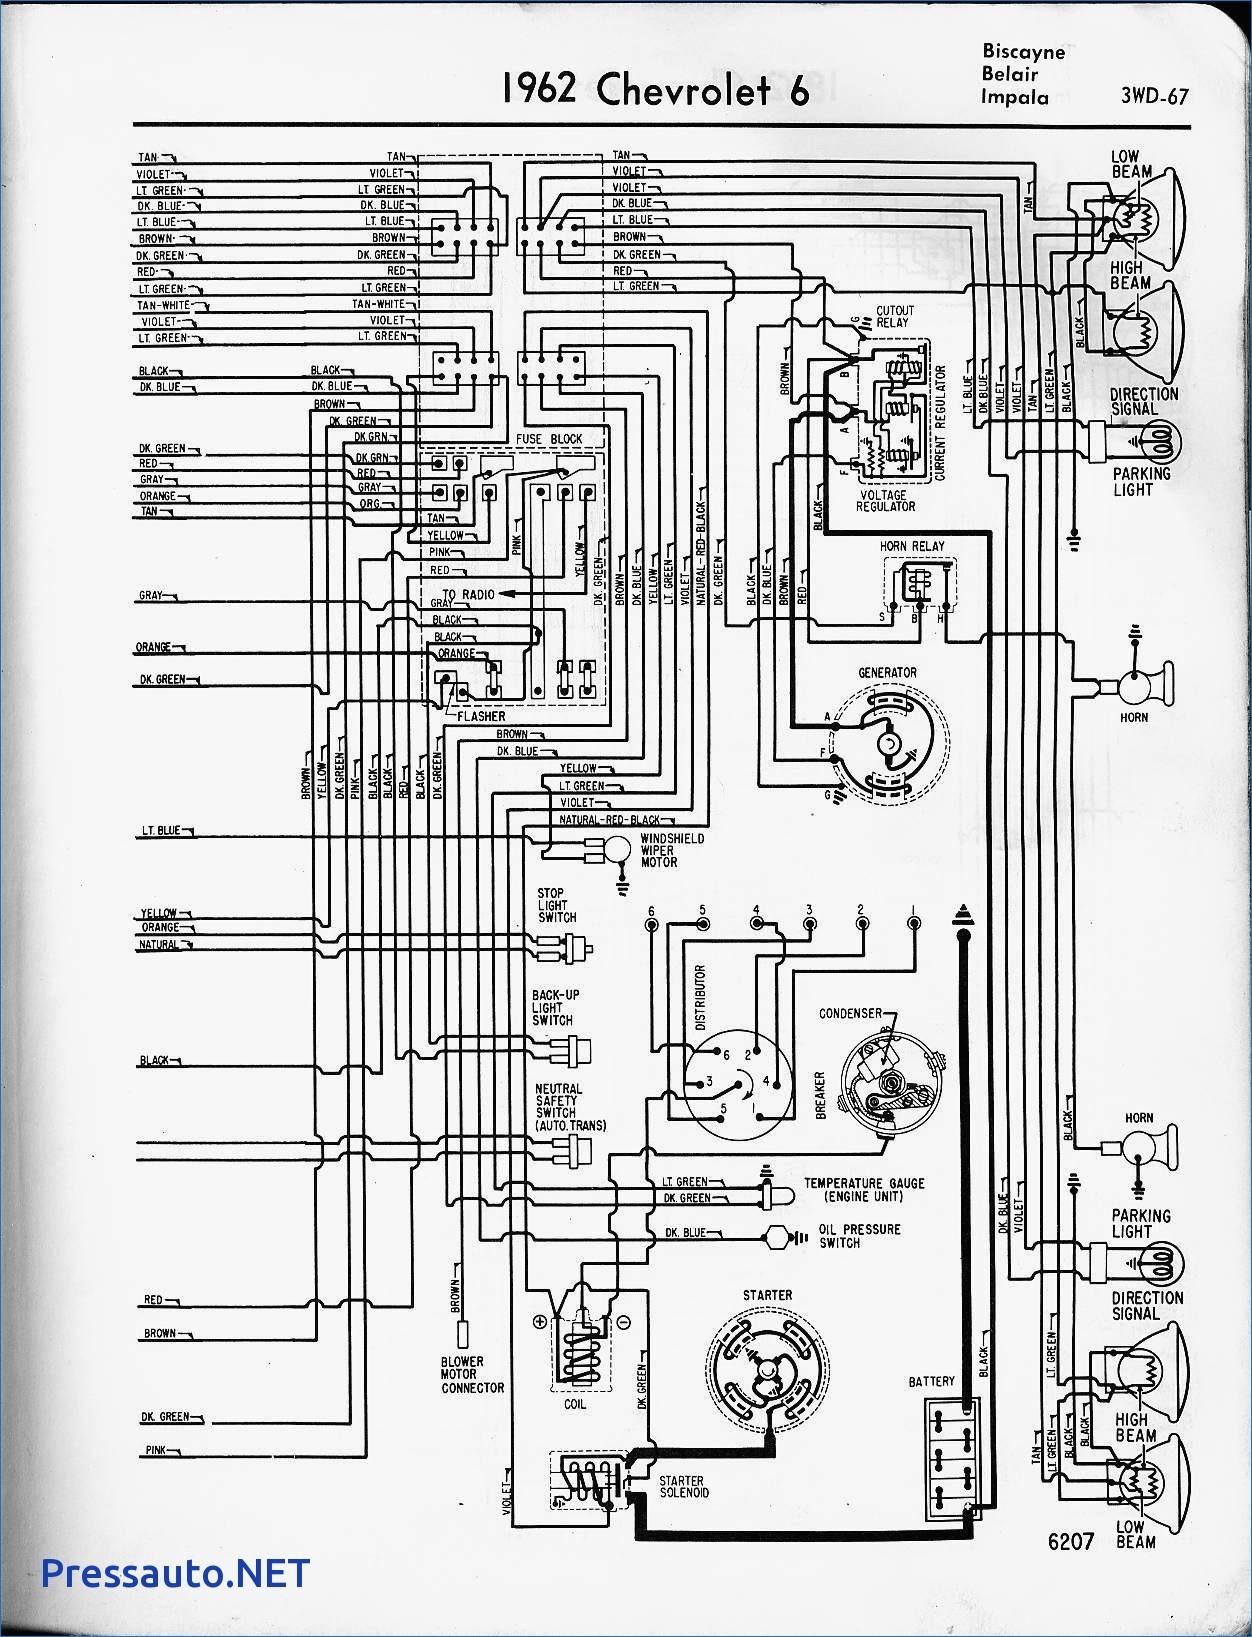 62 Chevy Headlight Switch Diagram Wiring Schematic - Wiring ... on